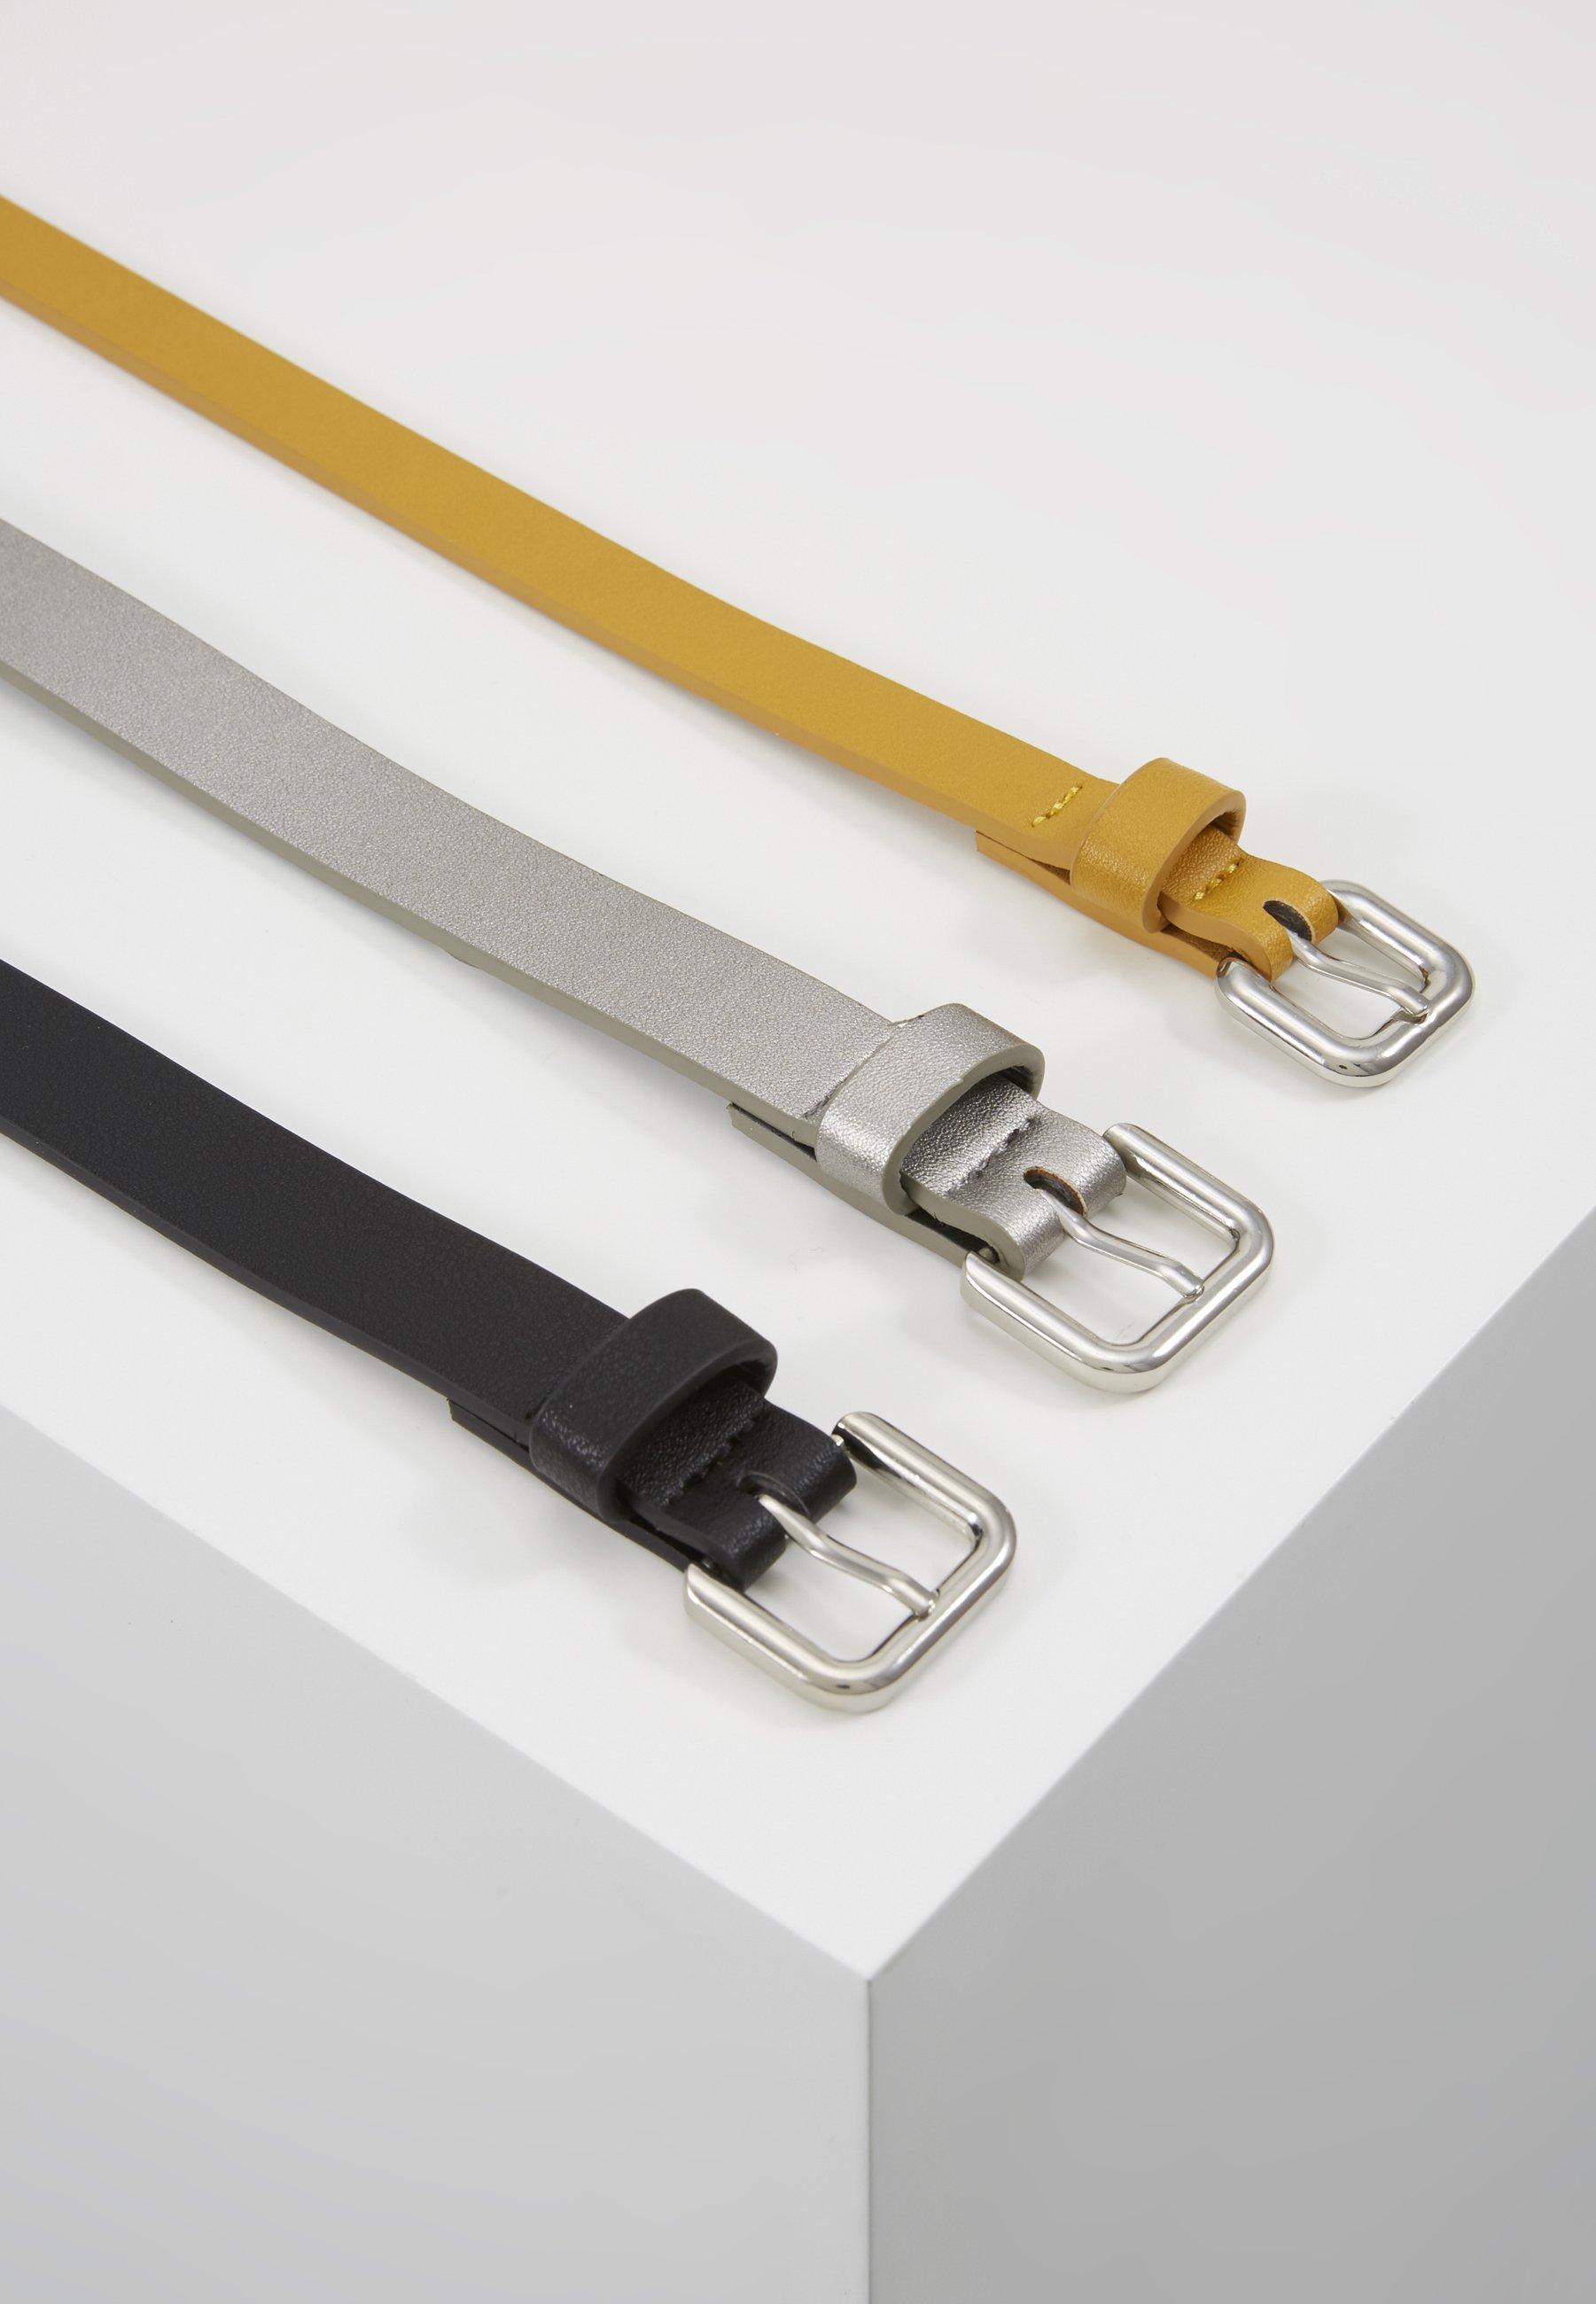 Even&Odd 3 PACK - Belte - black/yellow/gunmetal/svart RbL4GBVsseIa3cJ